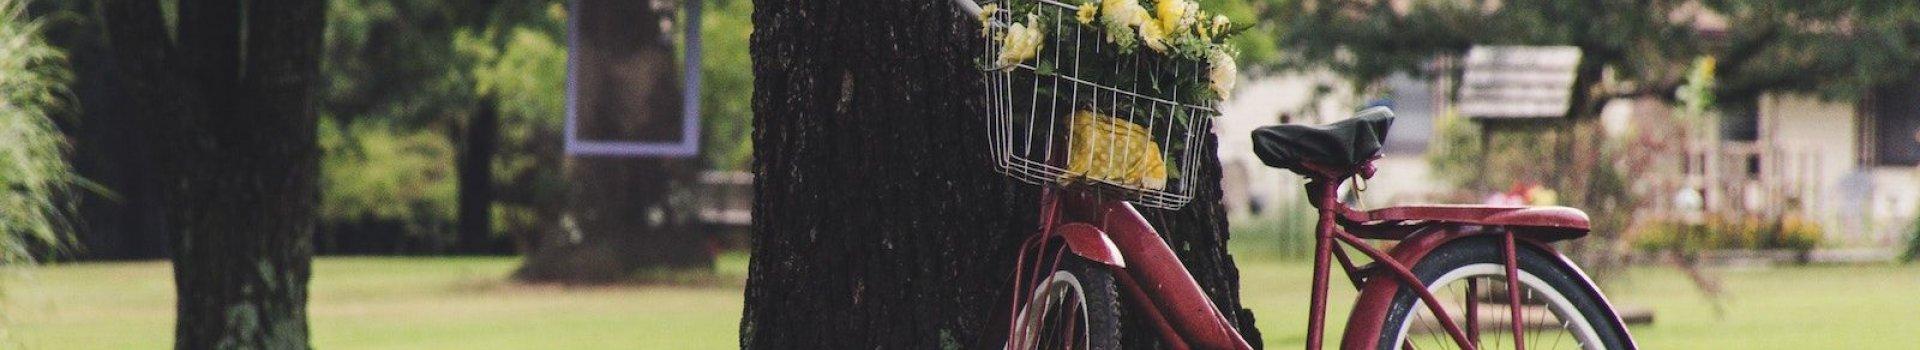 Bagażniki rowerowe na podróże małe i duże